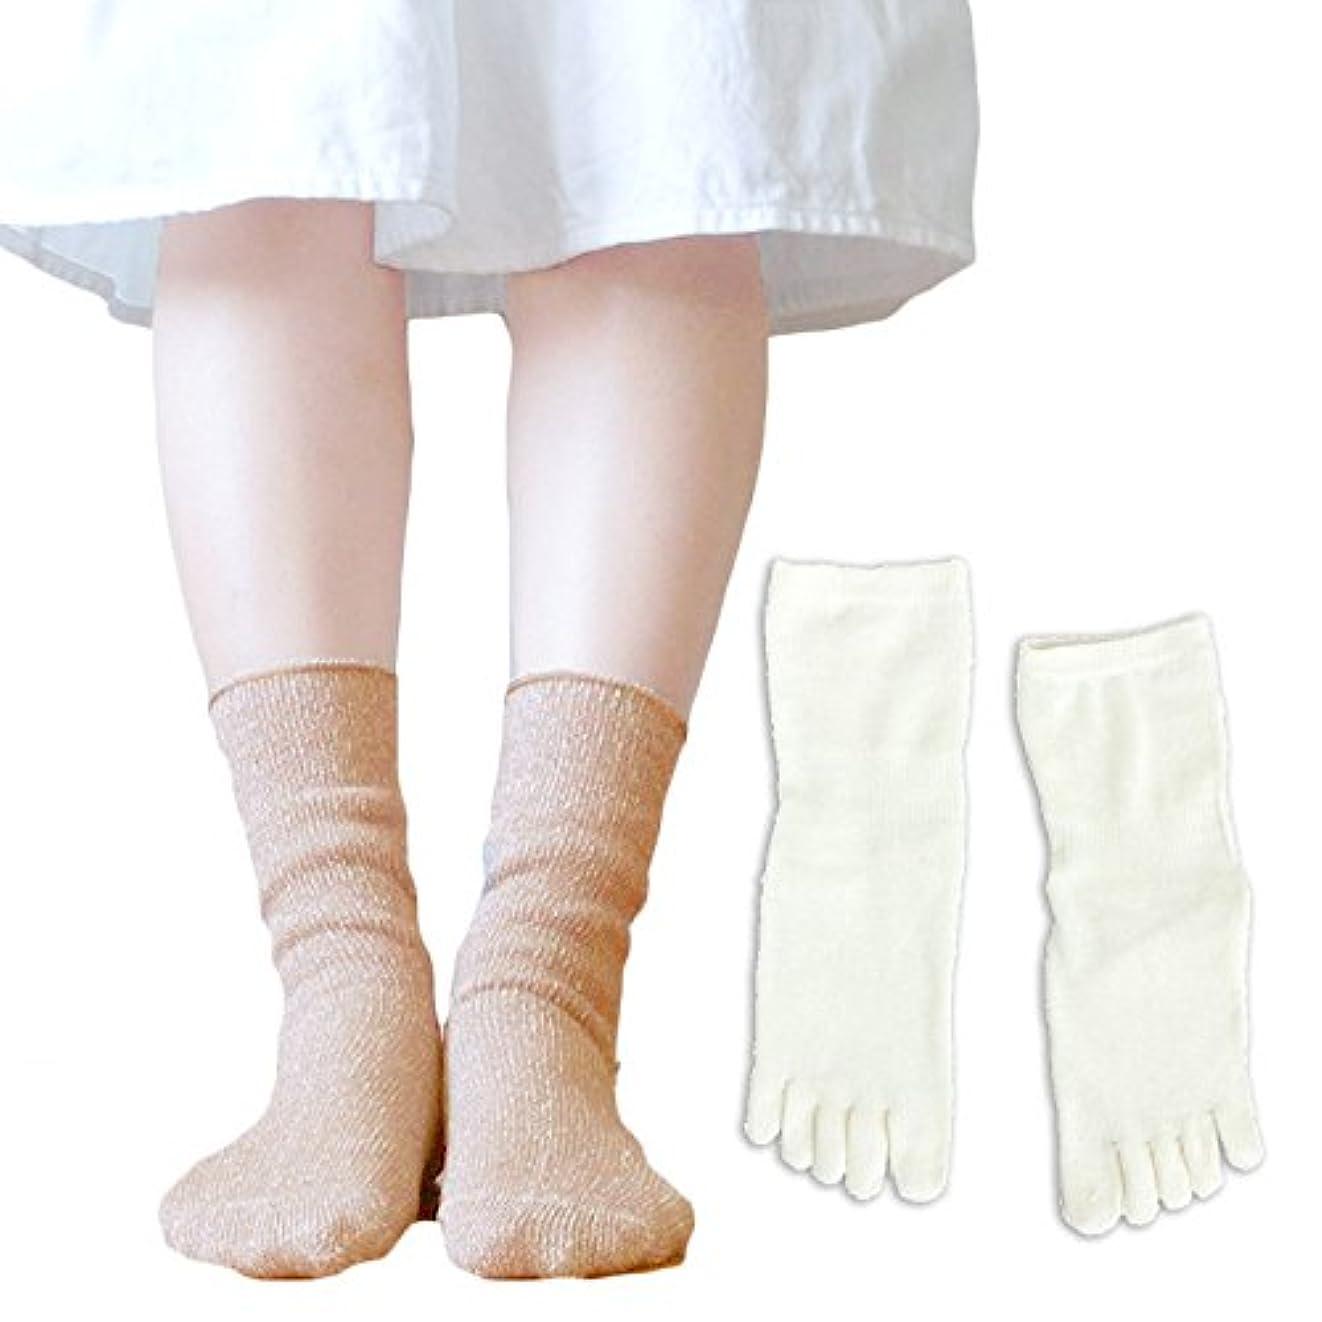 ジュース遺跡警告シルク コットン 先丸 ソックス & 5本指 ソックス 2足セット 日本製 23-25cm 重ね履き 靴下 冷えとり (23-25cm, ベージュ)